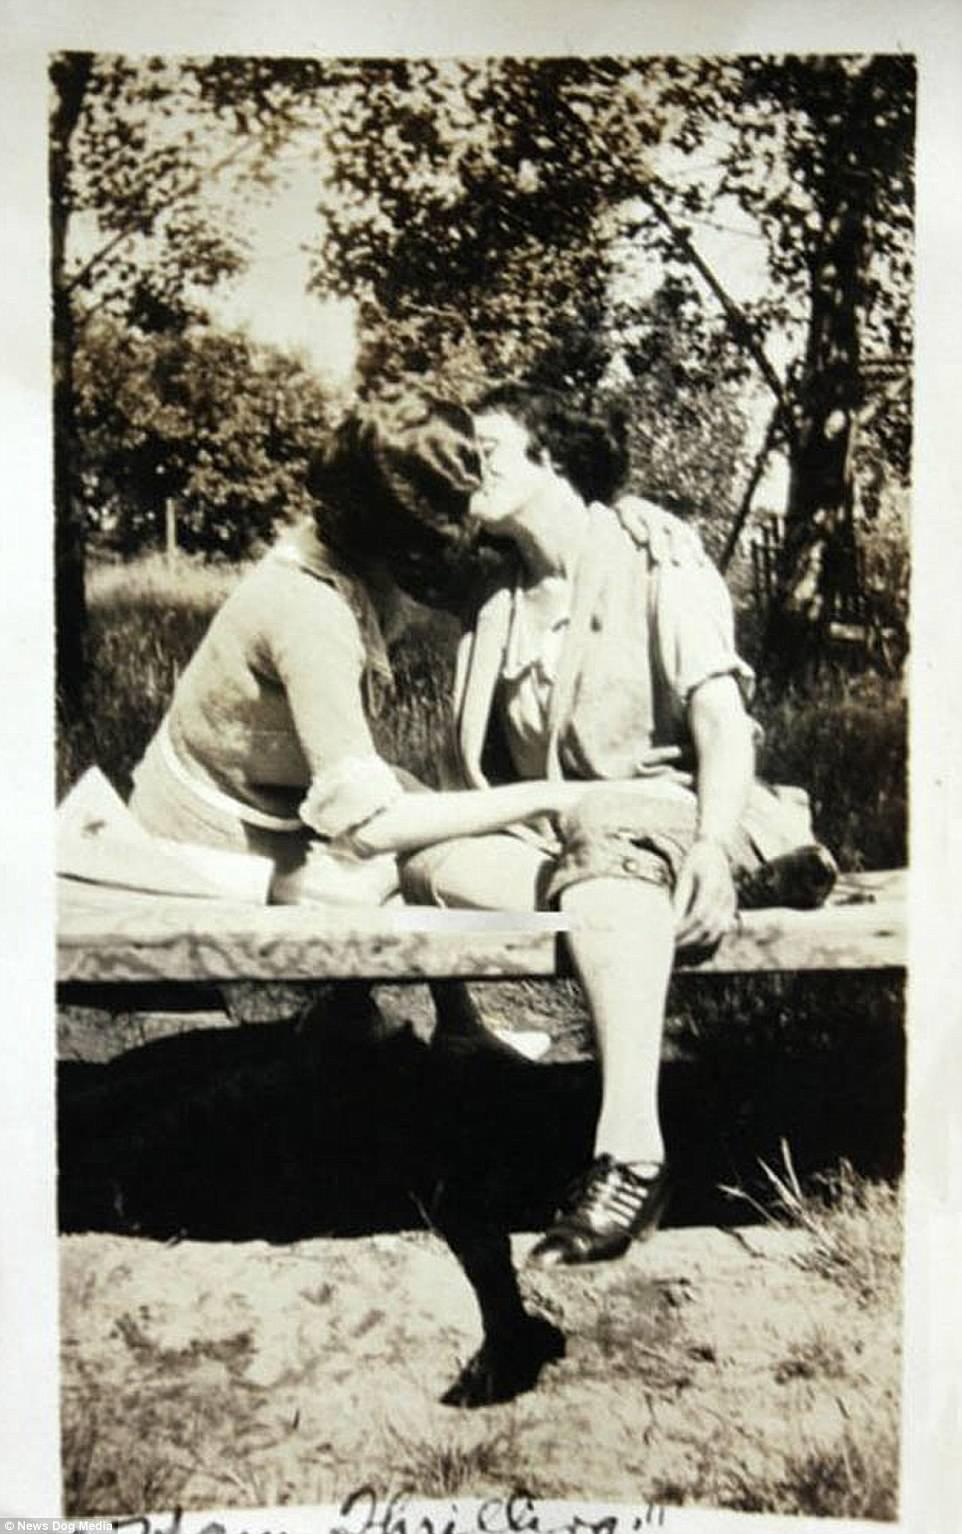 Chuyện kể qua ảnh: những chuyện tình đồng tính nữ phi thường vào thế kỷ 19 - 20 - Ảnh 7.